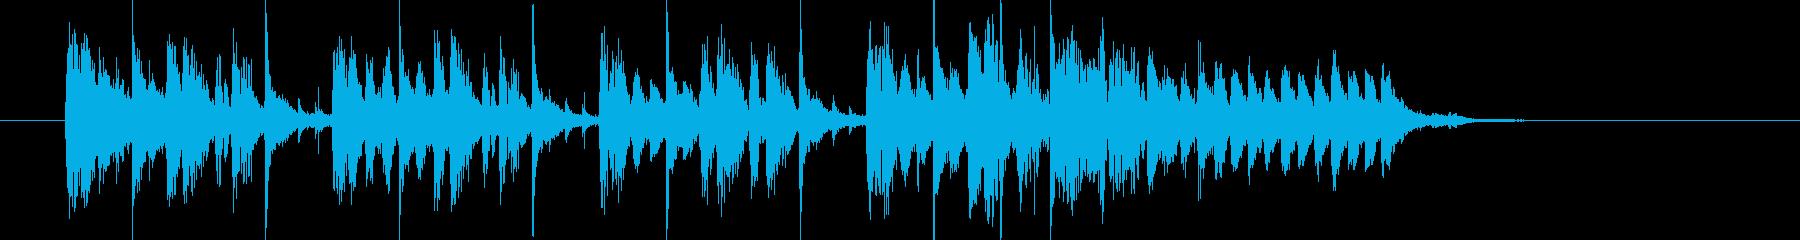 躍動感のあるテクノポップスの再生済みの波形